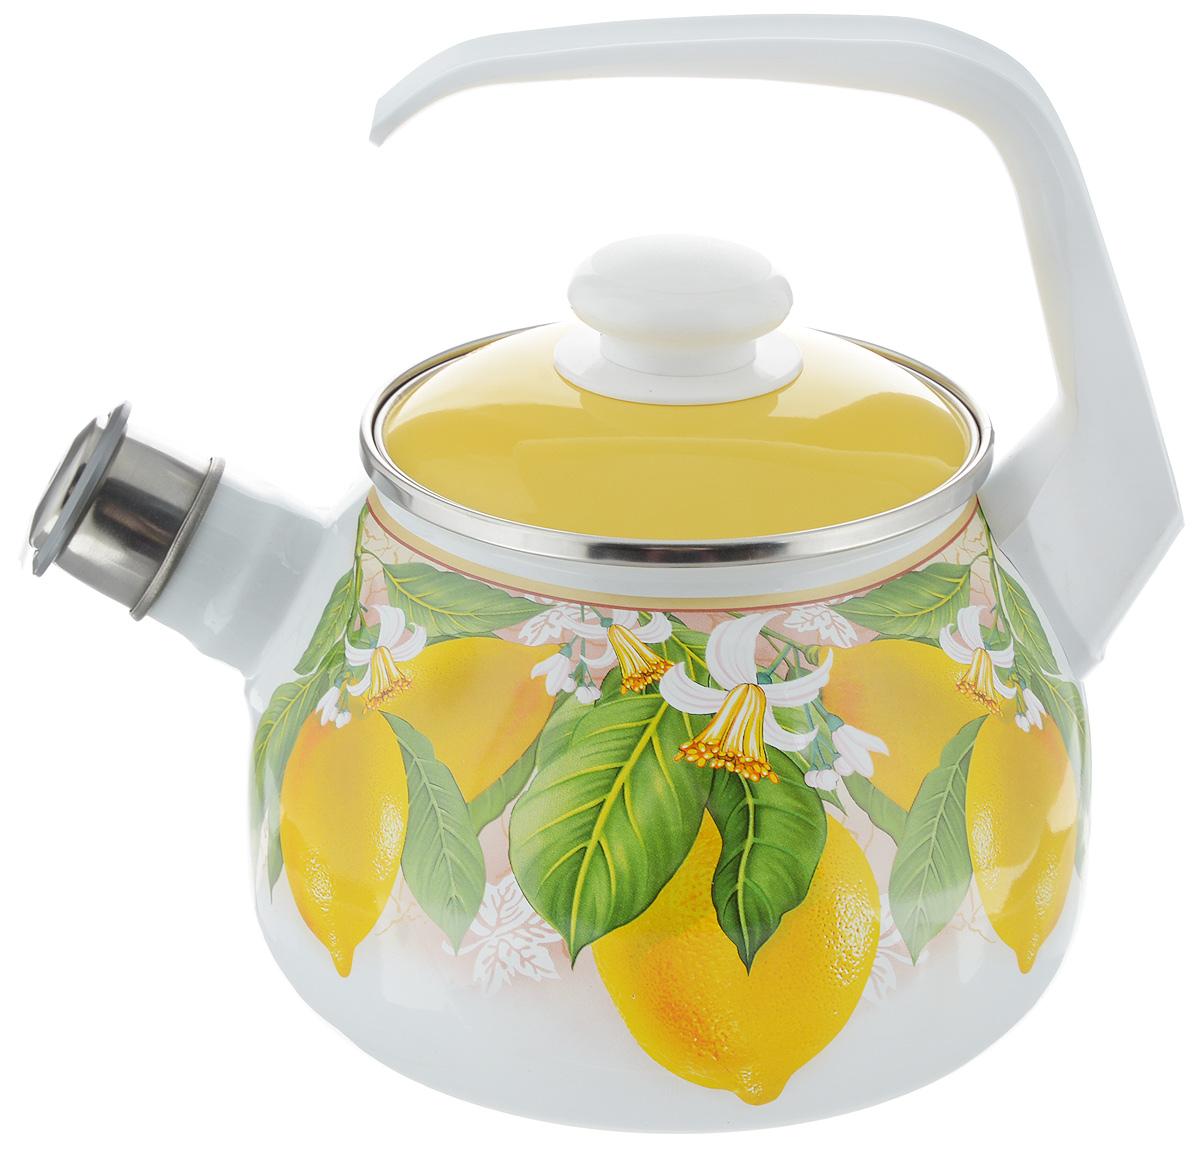 Чайник эмалированный Elros Lemon, со свистком, 2,5 лС-2711АП/6ДРРчЧайник эмалированный Elros Lemon изготовлен из высококачественного стального проката, покрытого двумя слоями жаропрочной эмали. Такое покрытие защищает сталь от коррозии, придает посуде гладкую стекловидную поверхность и надежно защищает от кислот и щелочей. Эмаль не вступает во взаимодействие с продуктами и не искажает их вкусовые качества. Прочный стальной корпус обеспечивает эффективный нагрев жидкости и не деформируется в процессе эксплуатации. Чайник оснащен фиксированной пластиковой ручкой белого цвета и стальной крышкой. Носик чайника с насадкой-свистком подскажет, когда закипела вода. Внешние стенки изделия декорированы красочным изображением лимонов. Посуда подходит для газовых, электрических, стеклокерамических, индукционных плит. Можно мыть в посудомоечной машине. Диаметр (по верхнему краю): 13,5 см. Высота чайника (с учетом ручки): 23 см. Высота чайника (без учета ручки и крышки): 13,5 см.